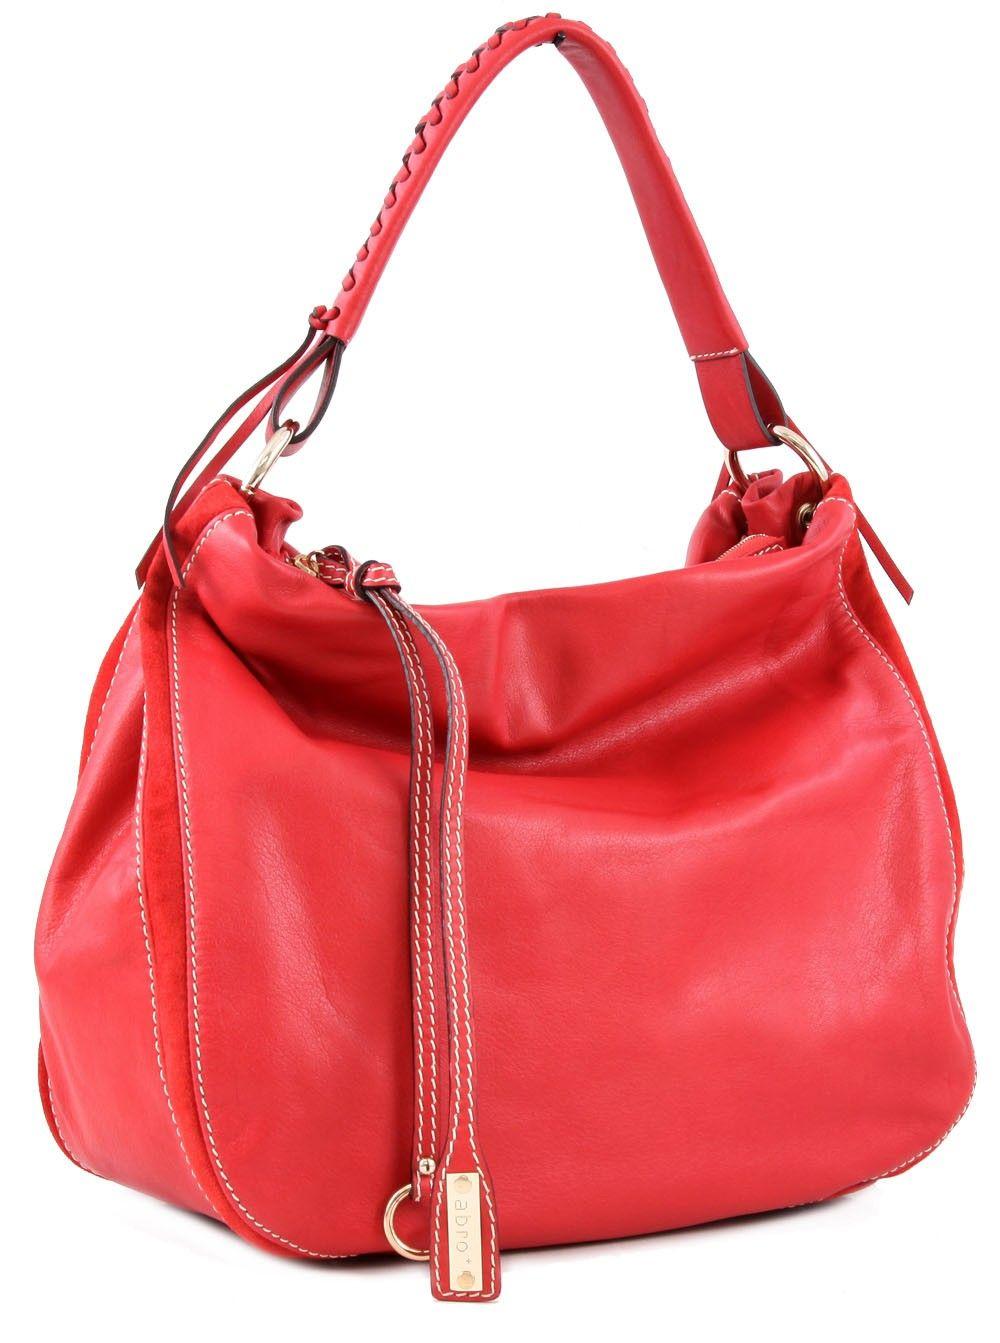 Wardow Com Tasche Von Abro Match Rot Taschen Taschen Leder